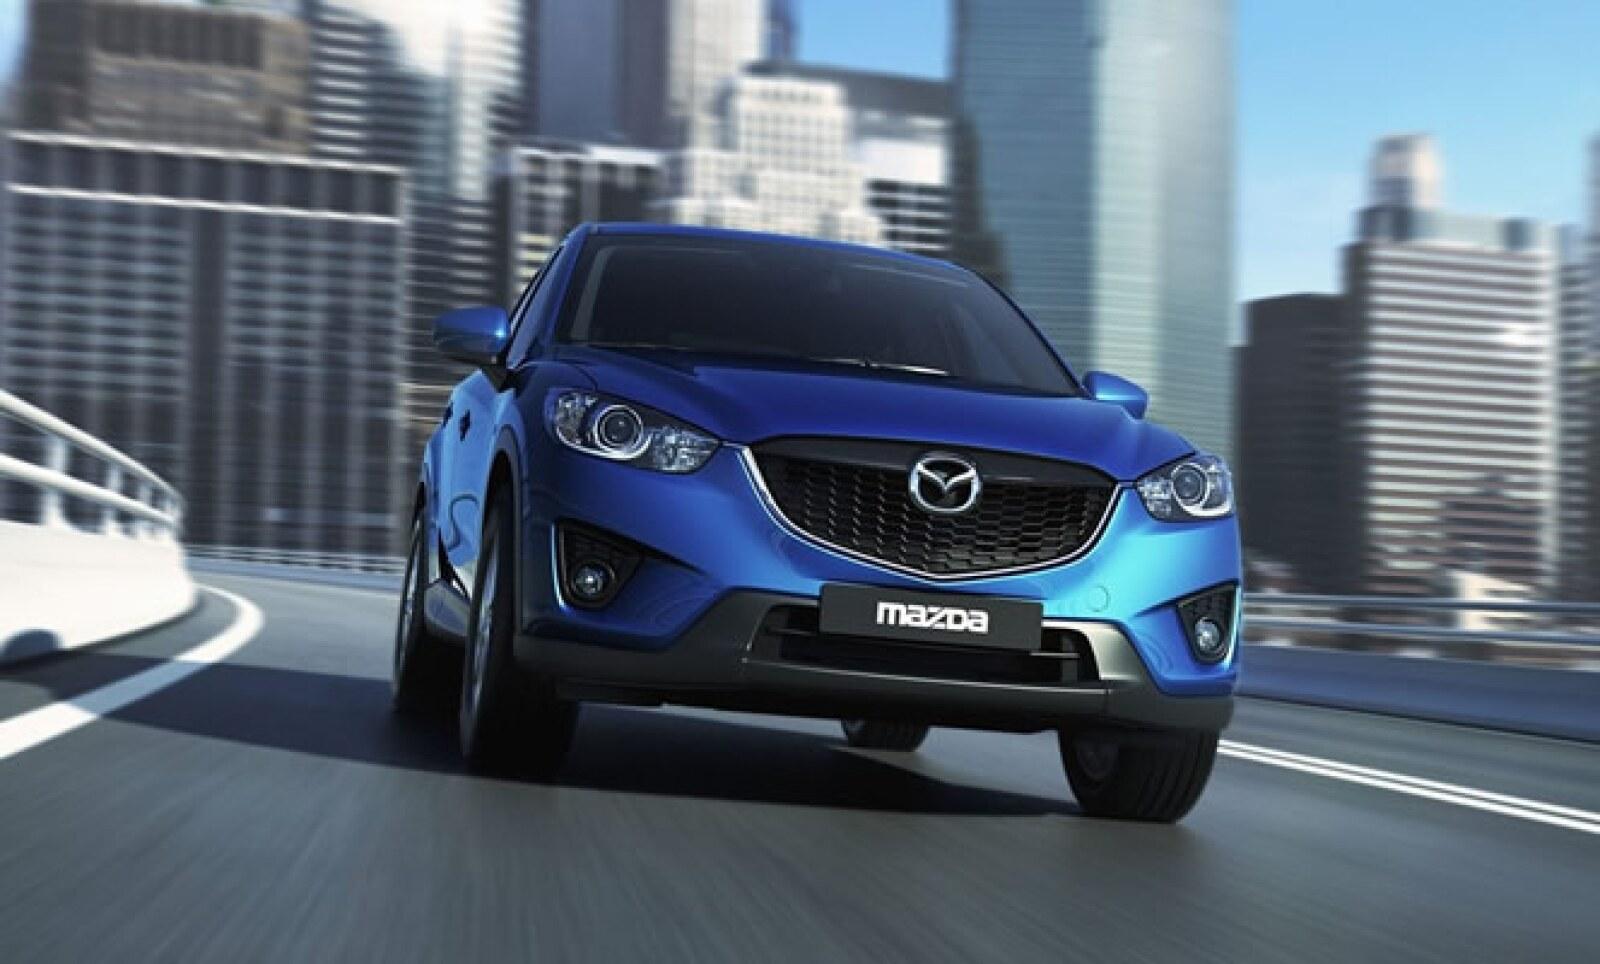 El nuevo SUV de la japonesa revitaliza su diseño, sobre todo en la parte posterior, haciéndola más atractiva a la vista. Estará a la venta al inicio de 2012, a un precio no determinado.